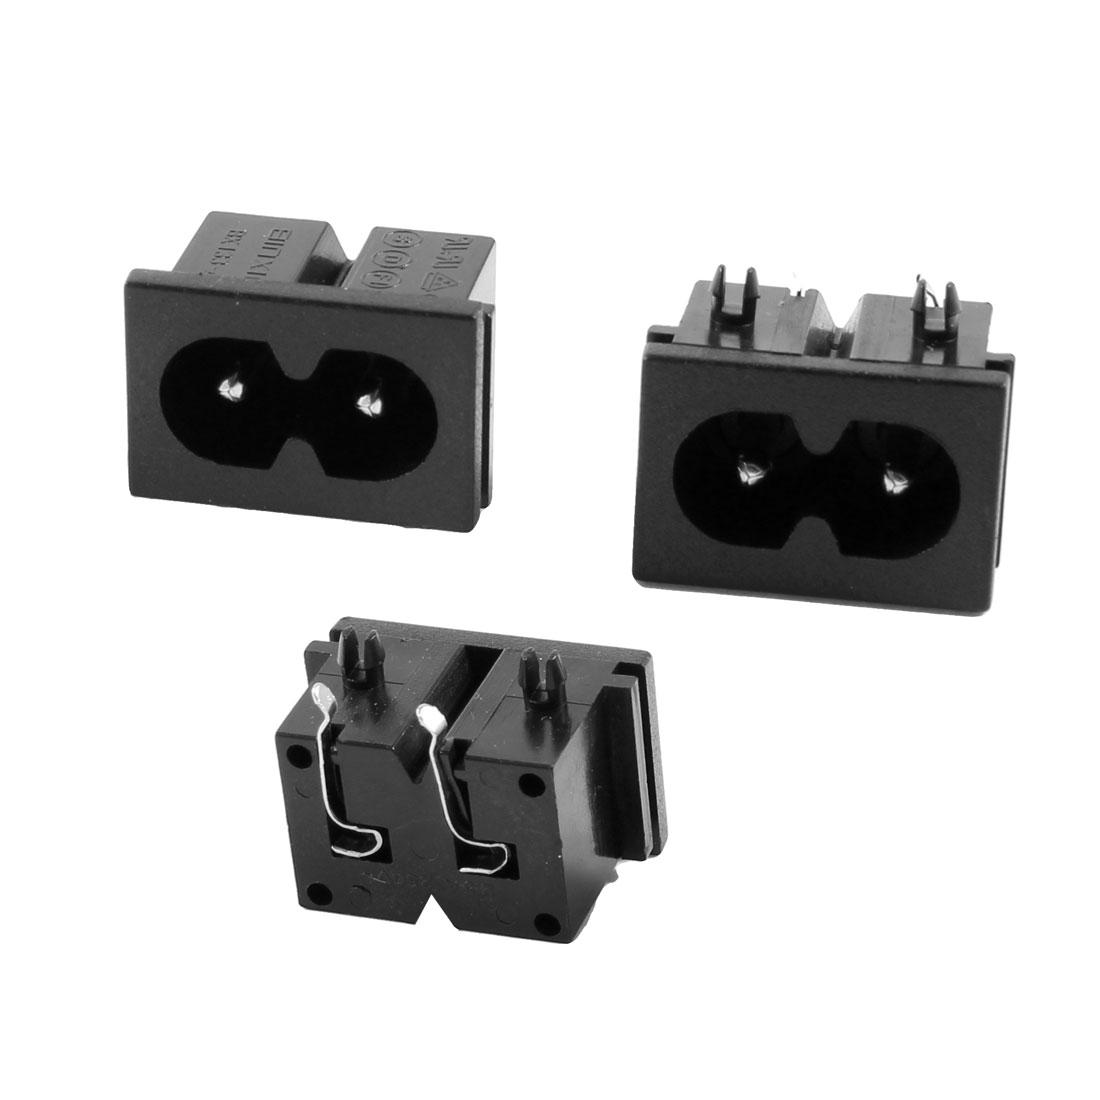 3 Pcs AC 250V 2.5A 2 Poles IEC320 C8 Power Inlet Socket Connector Solder